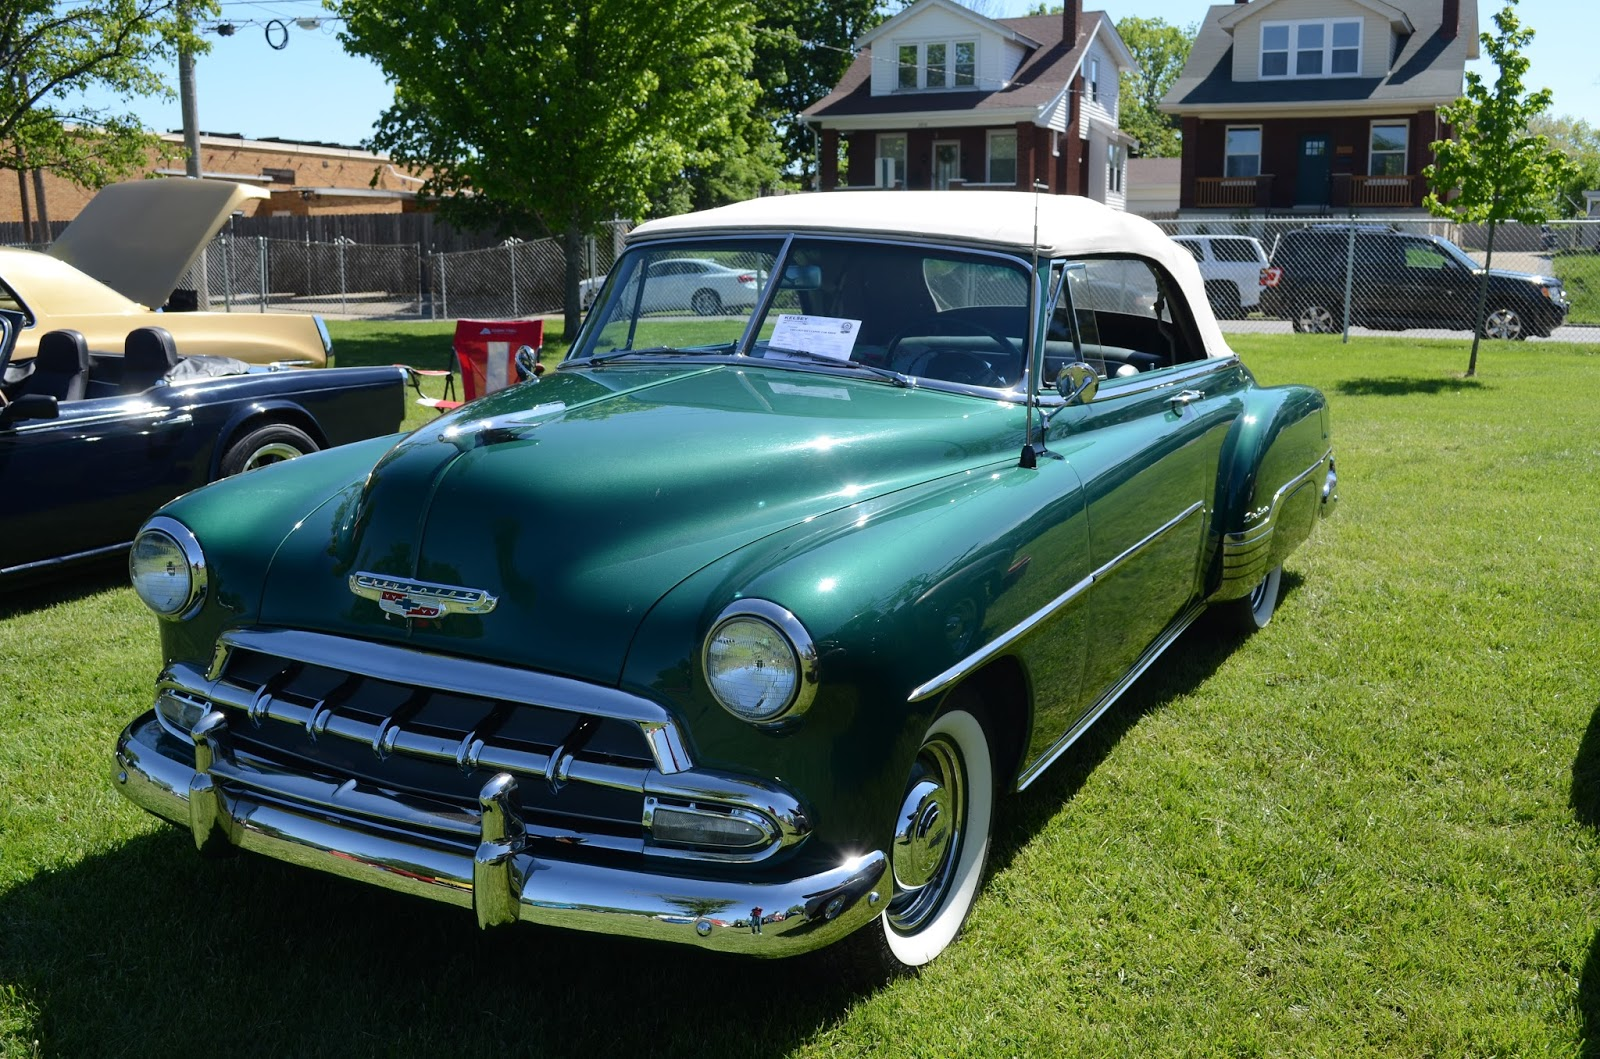 Turnerbudds Car Blog: Cheviot Classic Car Show